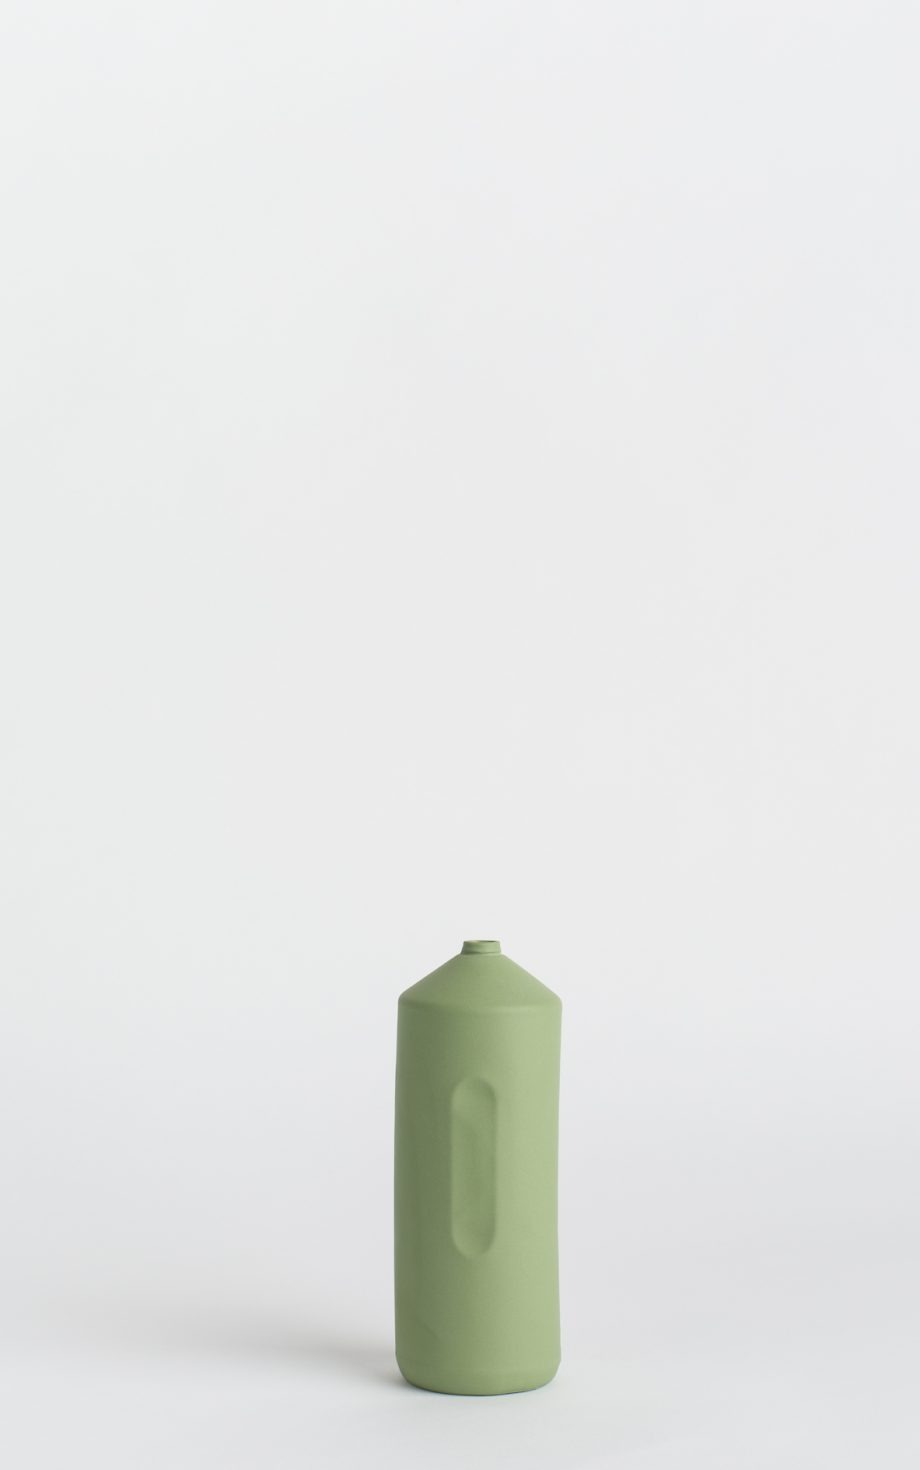 bottle vase #2 dark green